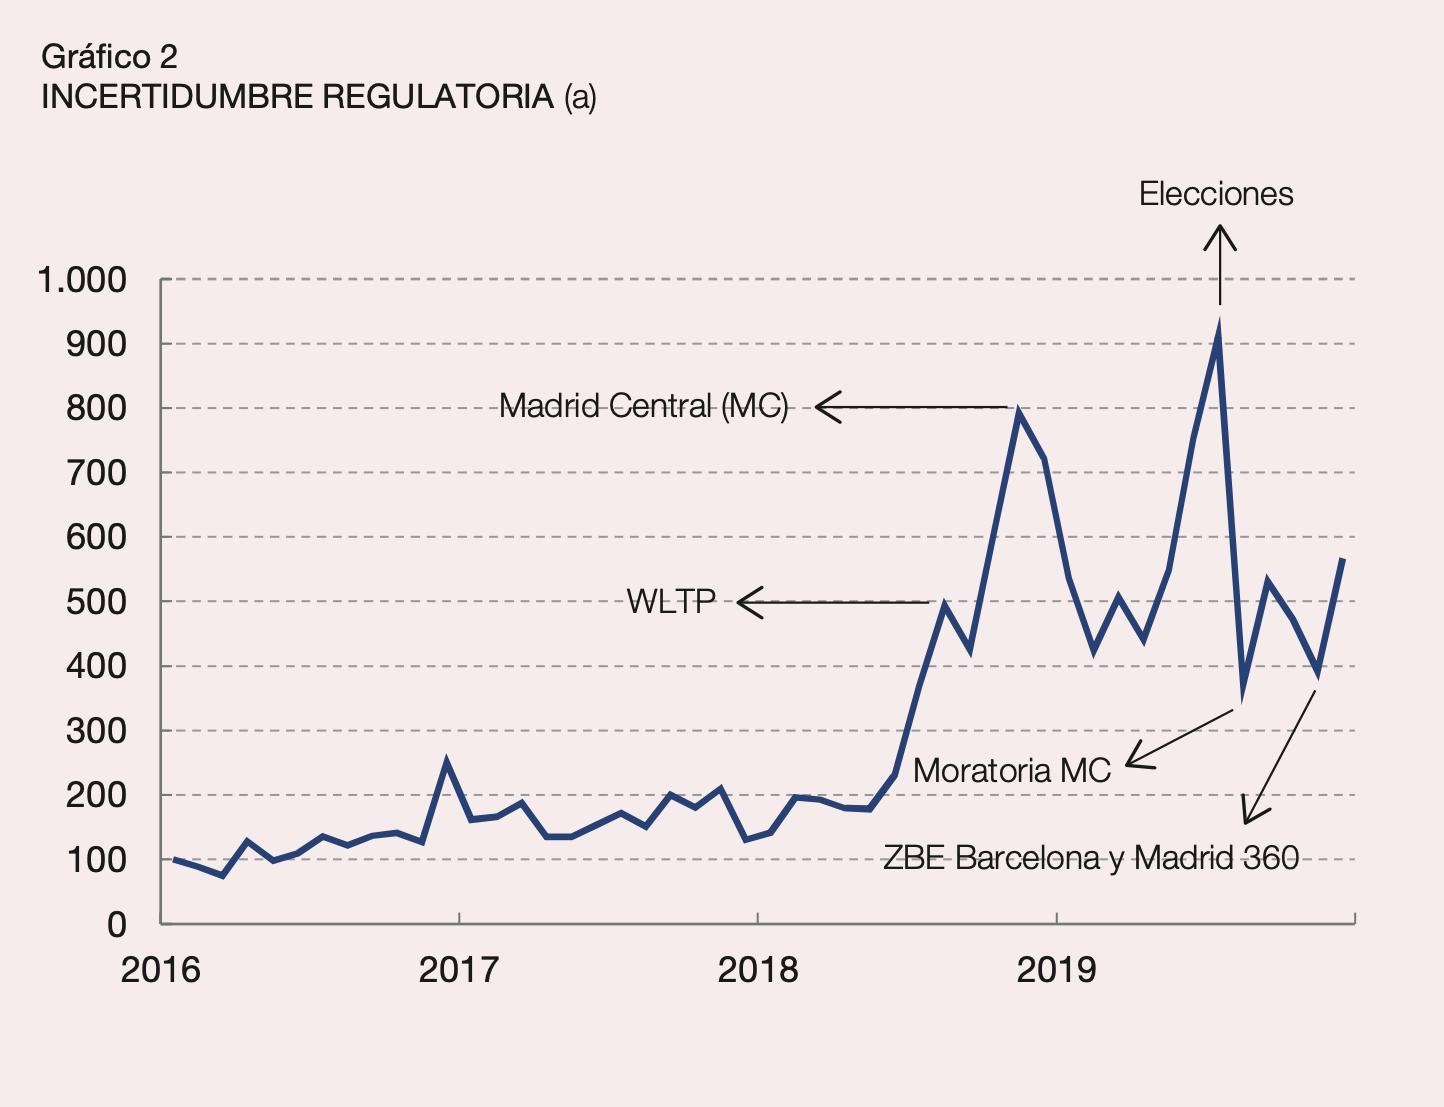 2-incertidumbre-regulatoria-perdida-matr